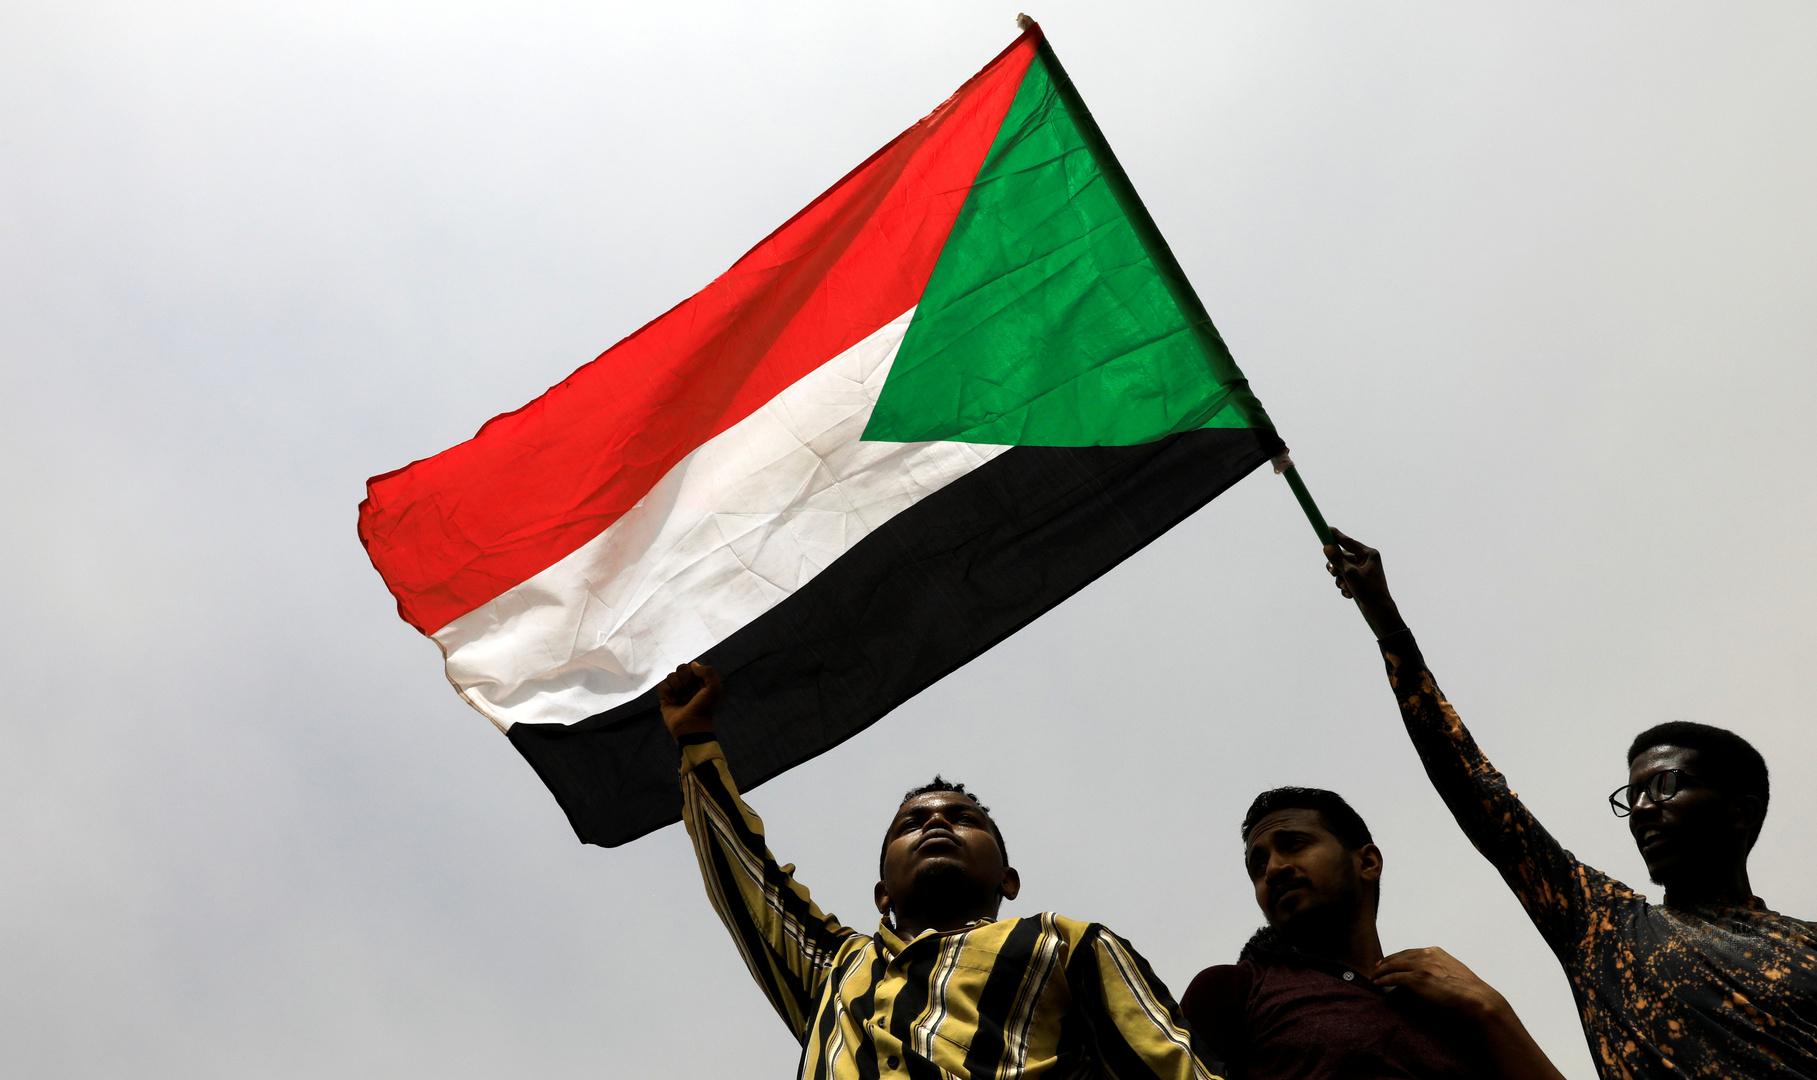 الاتحاد الافريقي ينفي اعتماد خرائط جديدة بين مصر والسودان